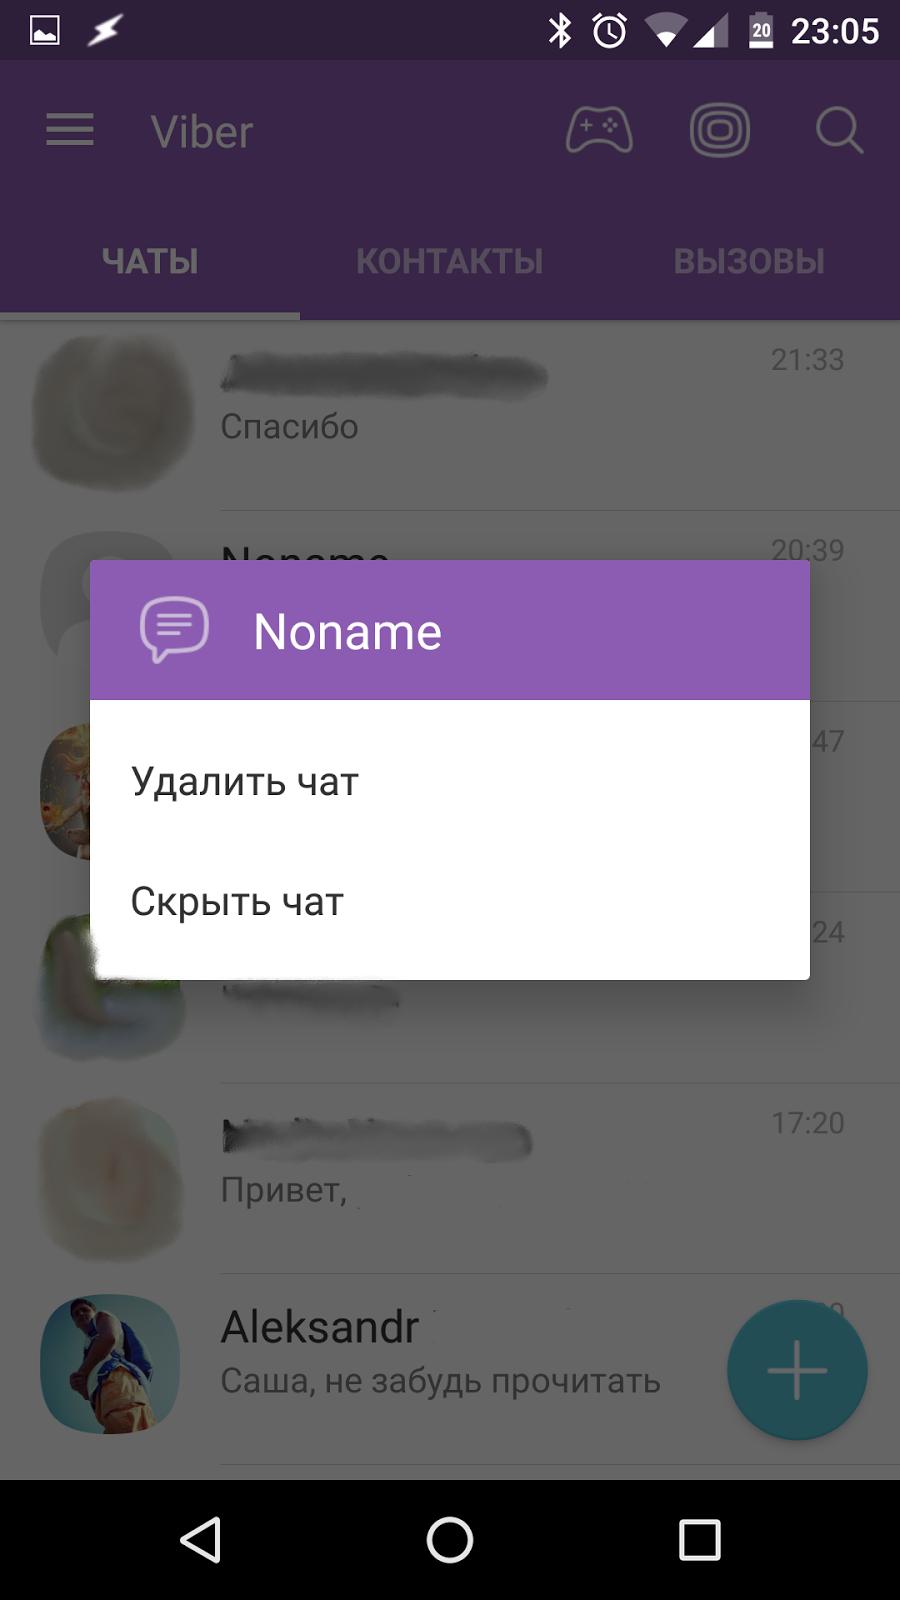 Вязание бесплатные схемы - вязаные платья Узорчик. ру